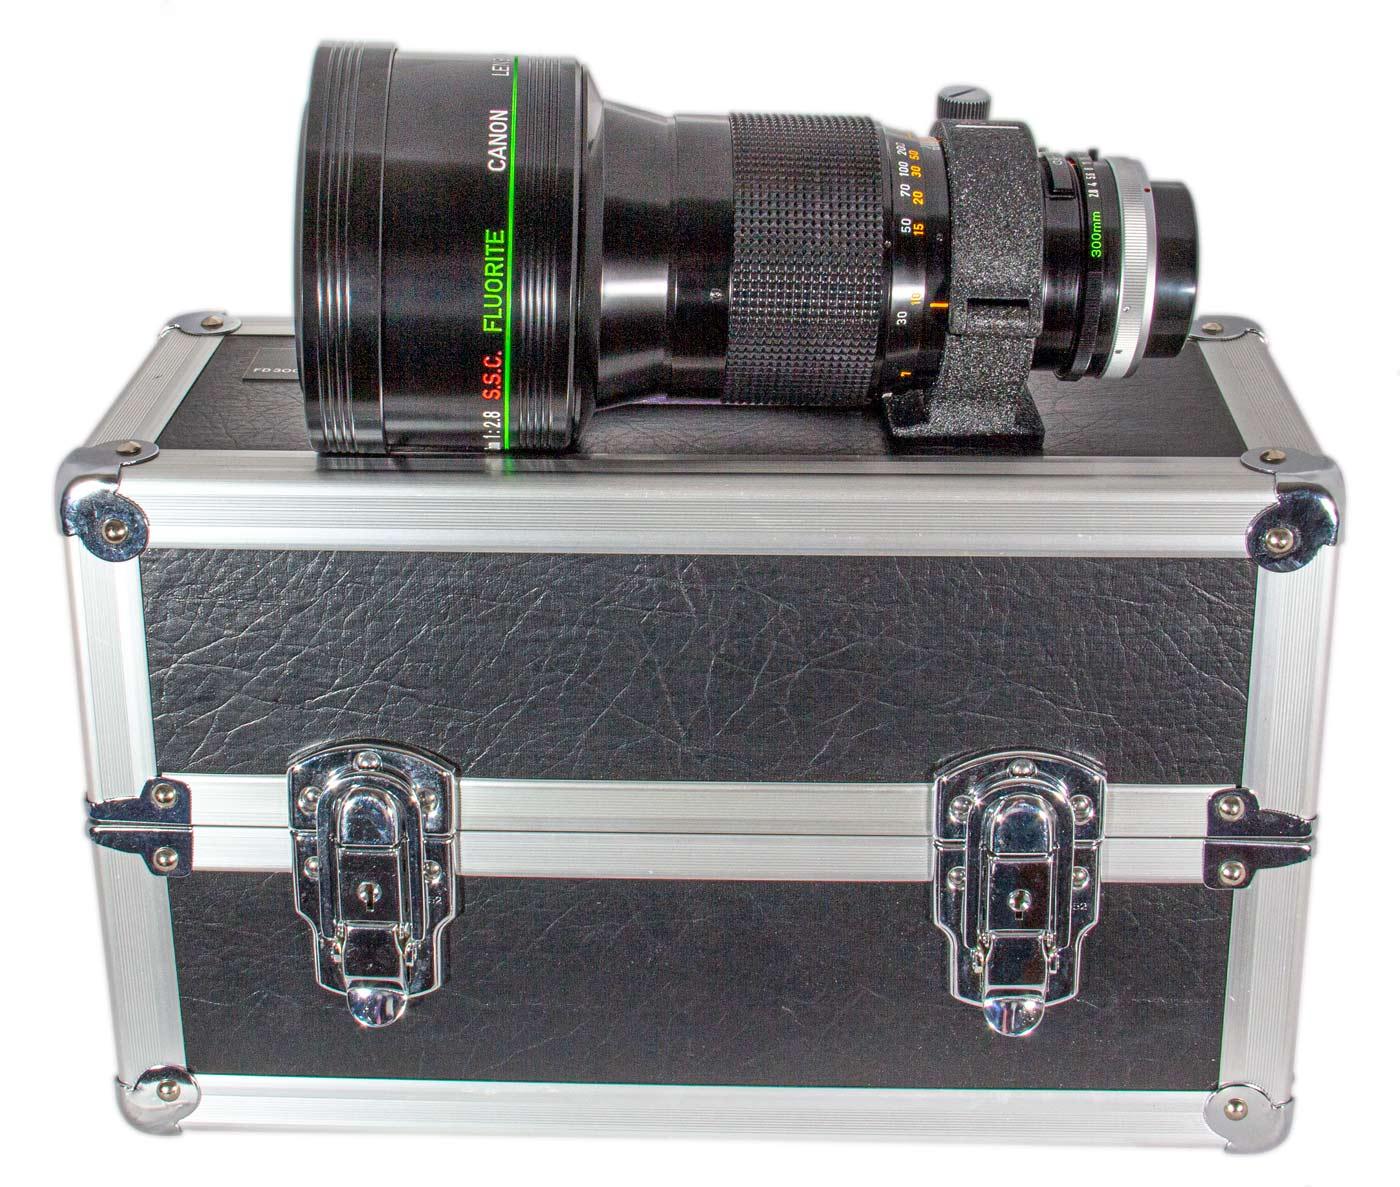 Canon FD 300mm f/2.8 SSC Fluorite Lens